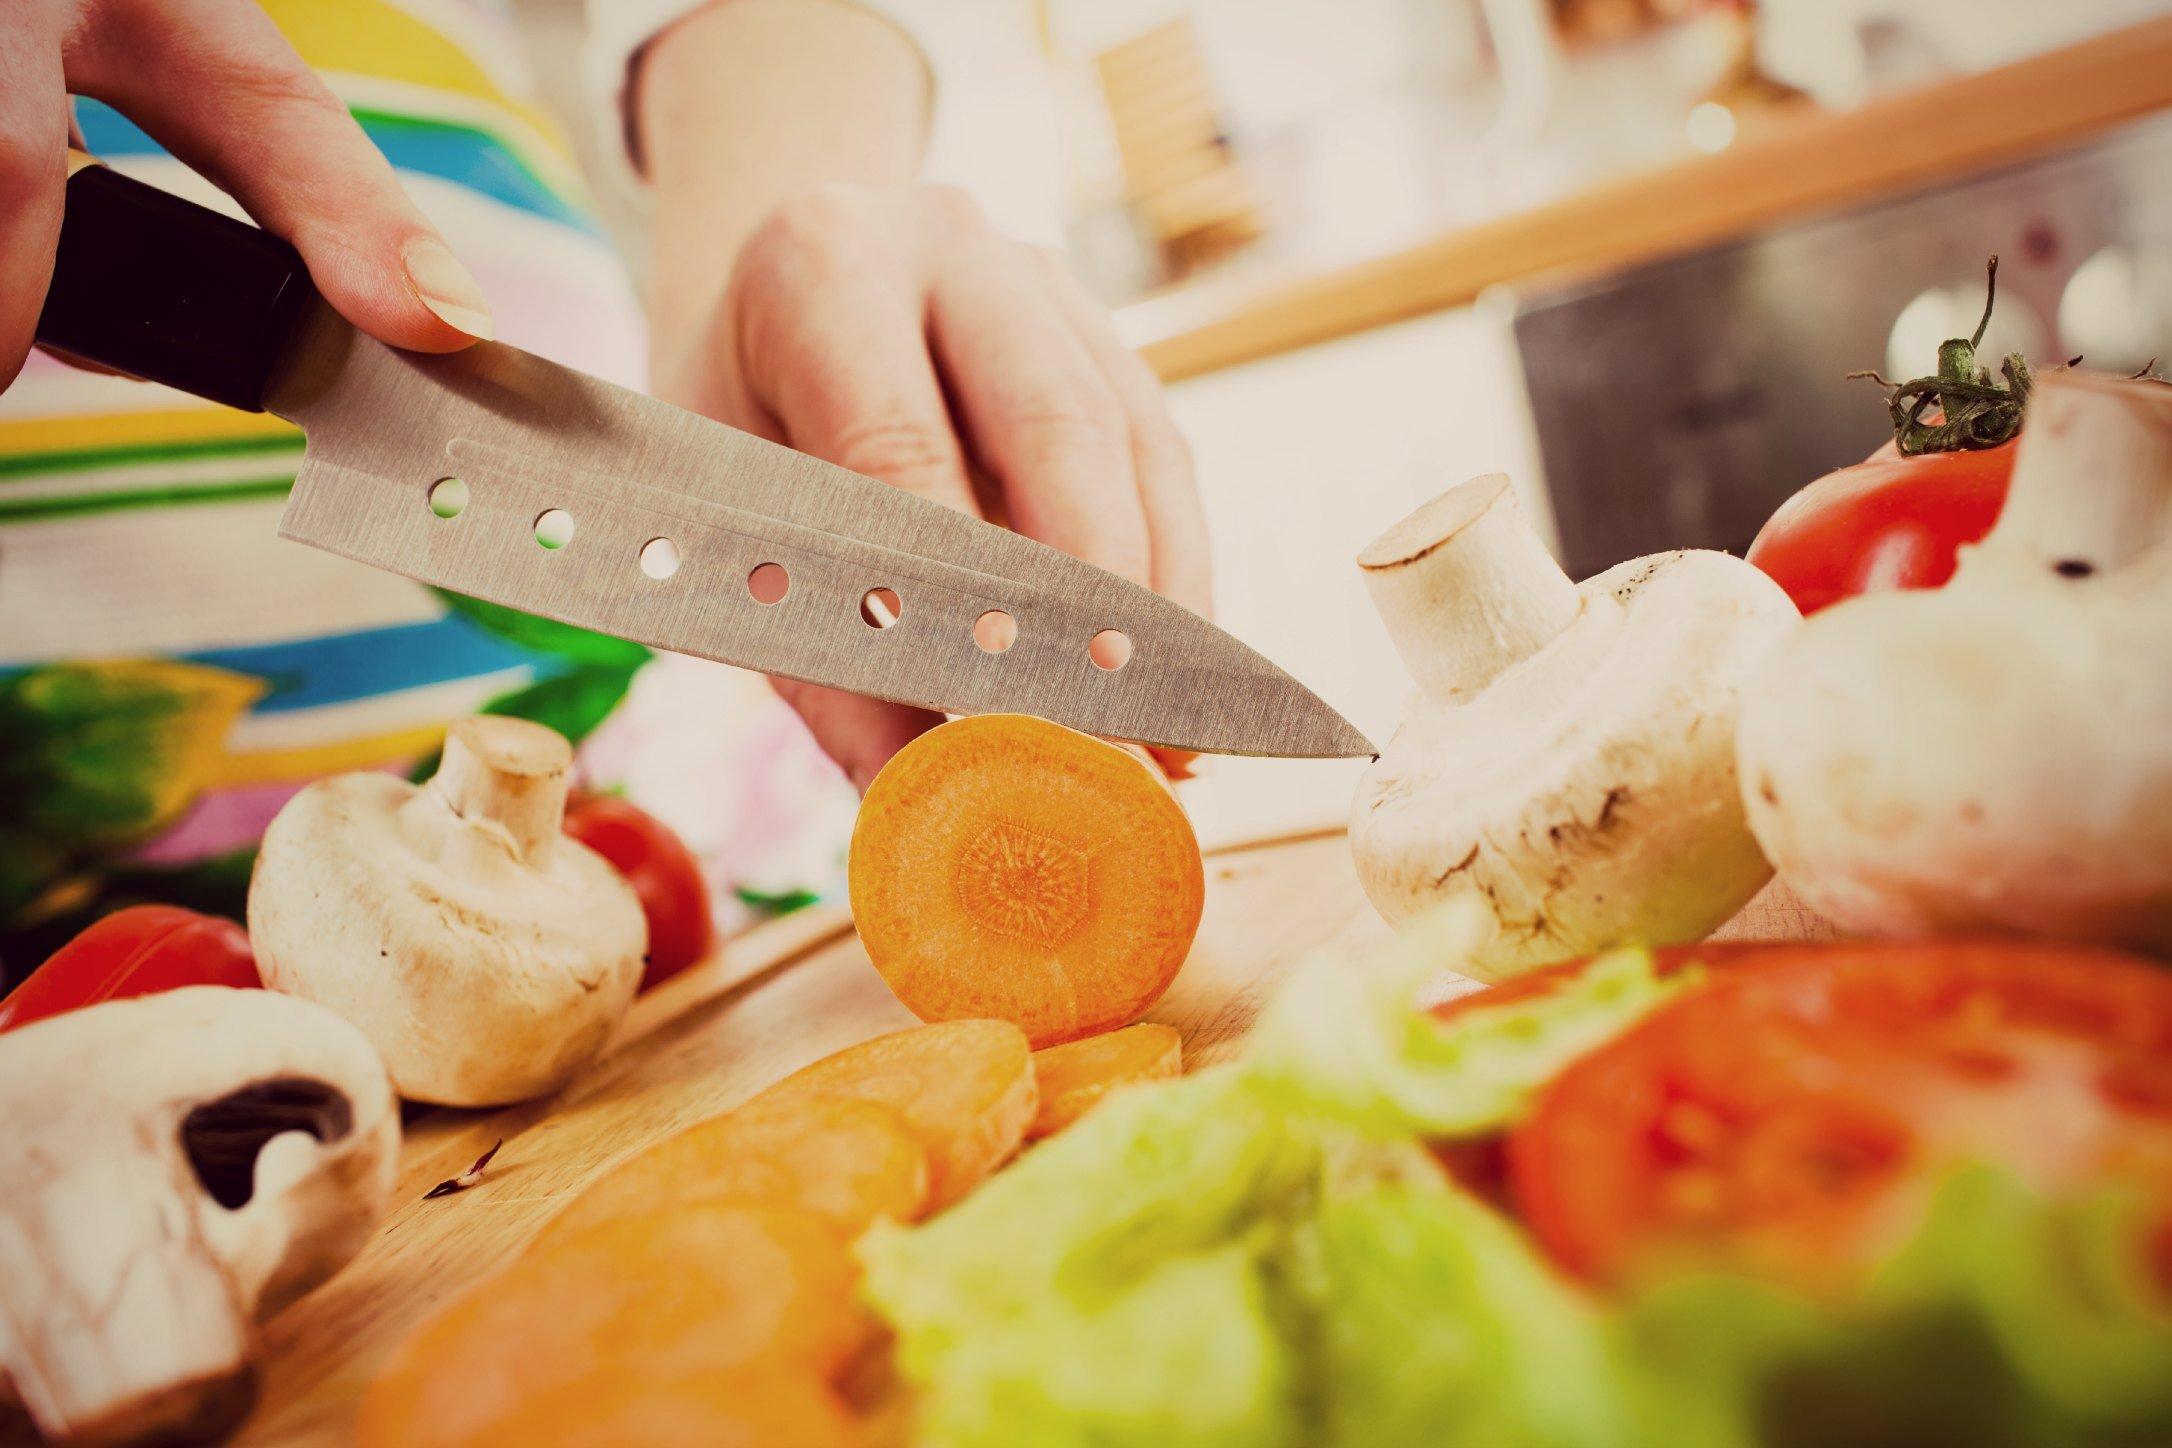 จัดอาหารคลีนก่อนออกกำลังกาย thaihealth